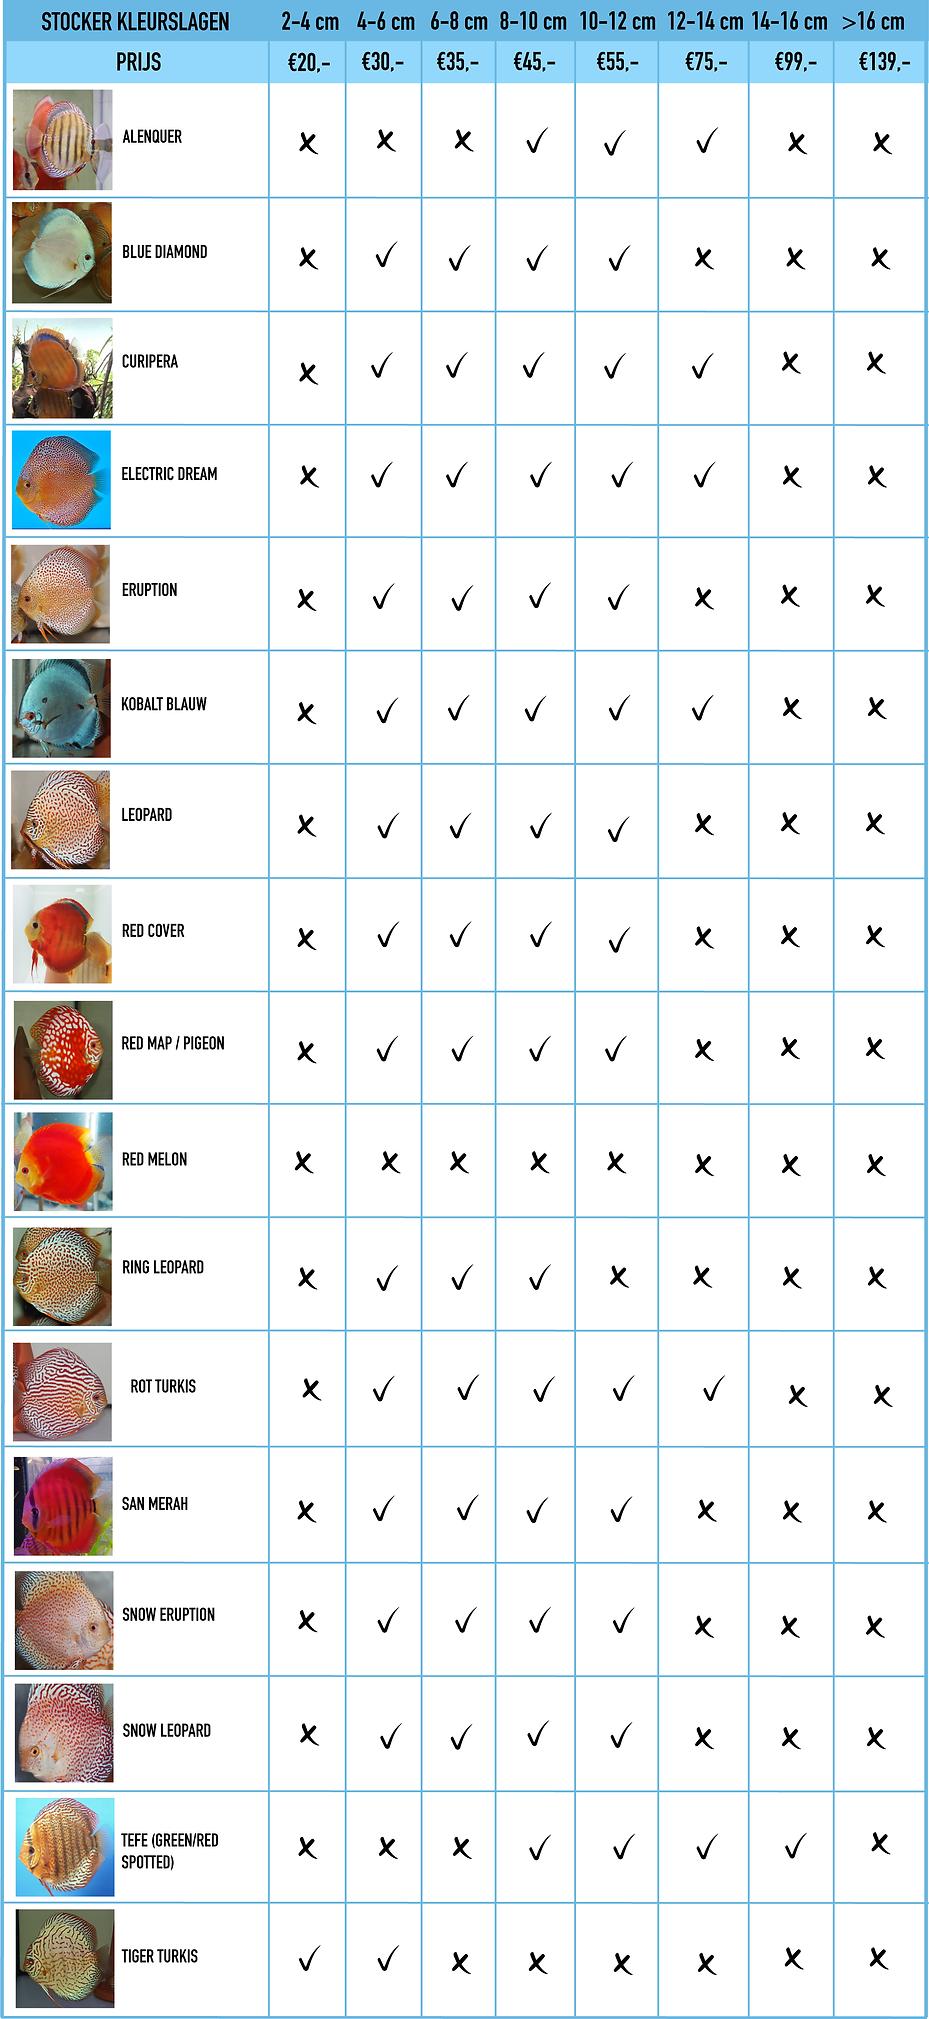 Voorraadlijst kleurslagen stocker.png